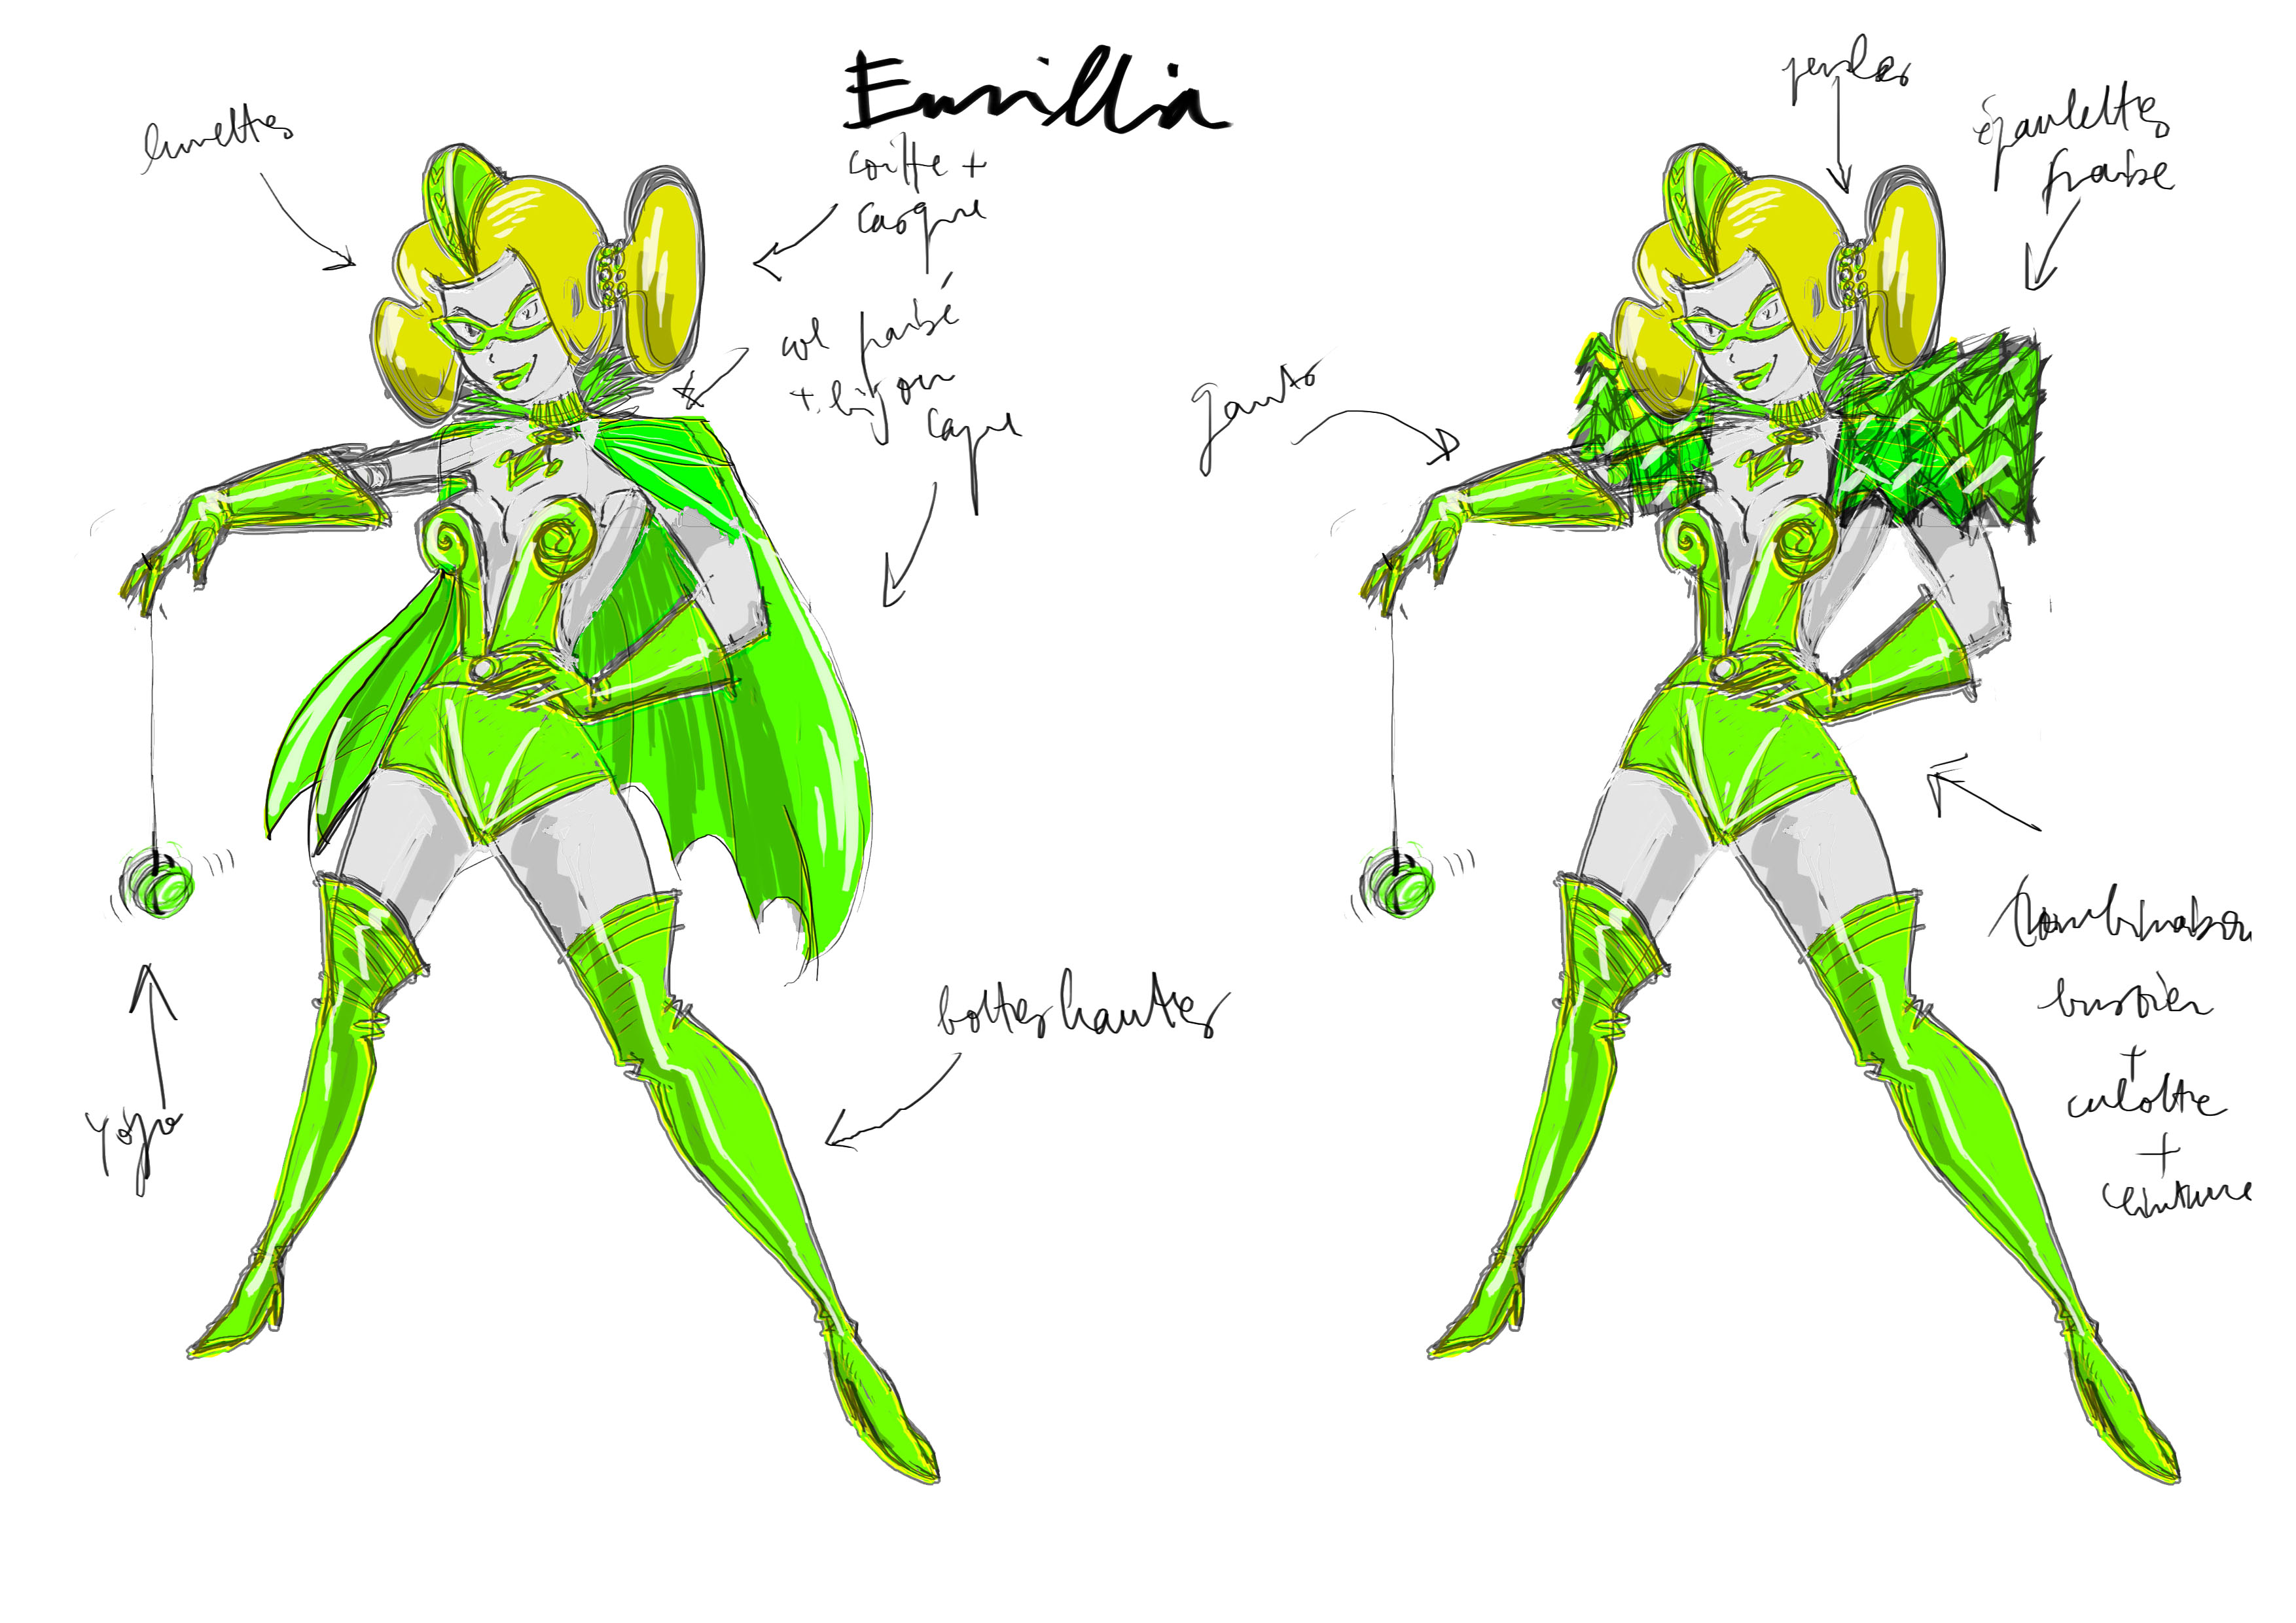 Eurilla